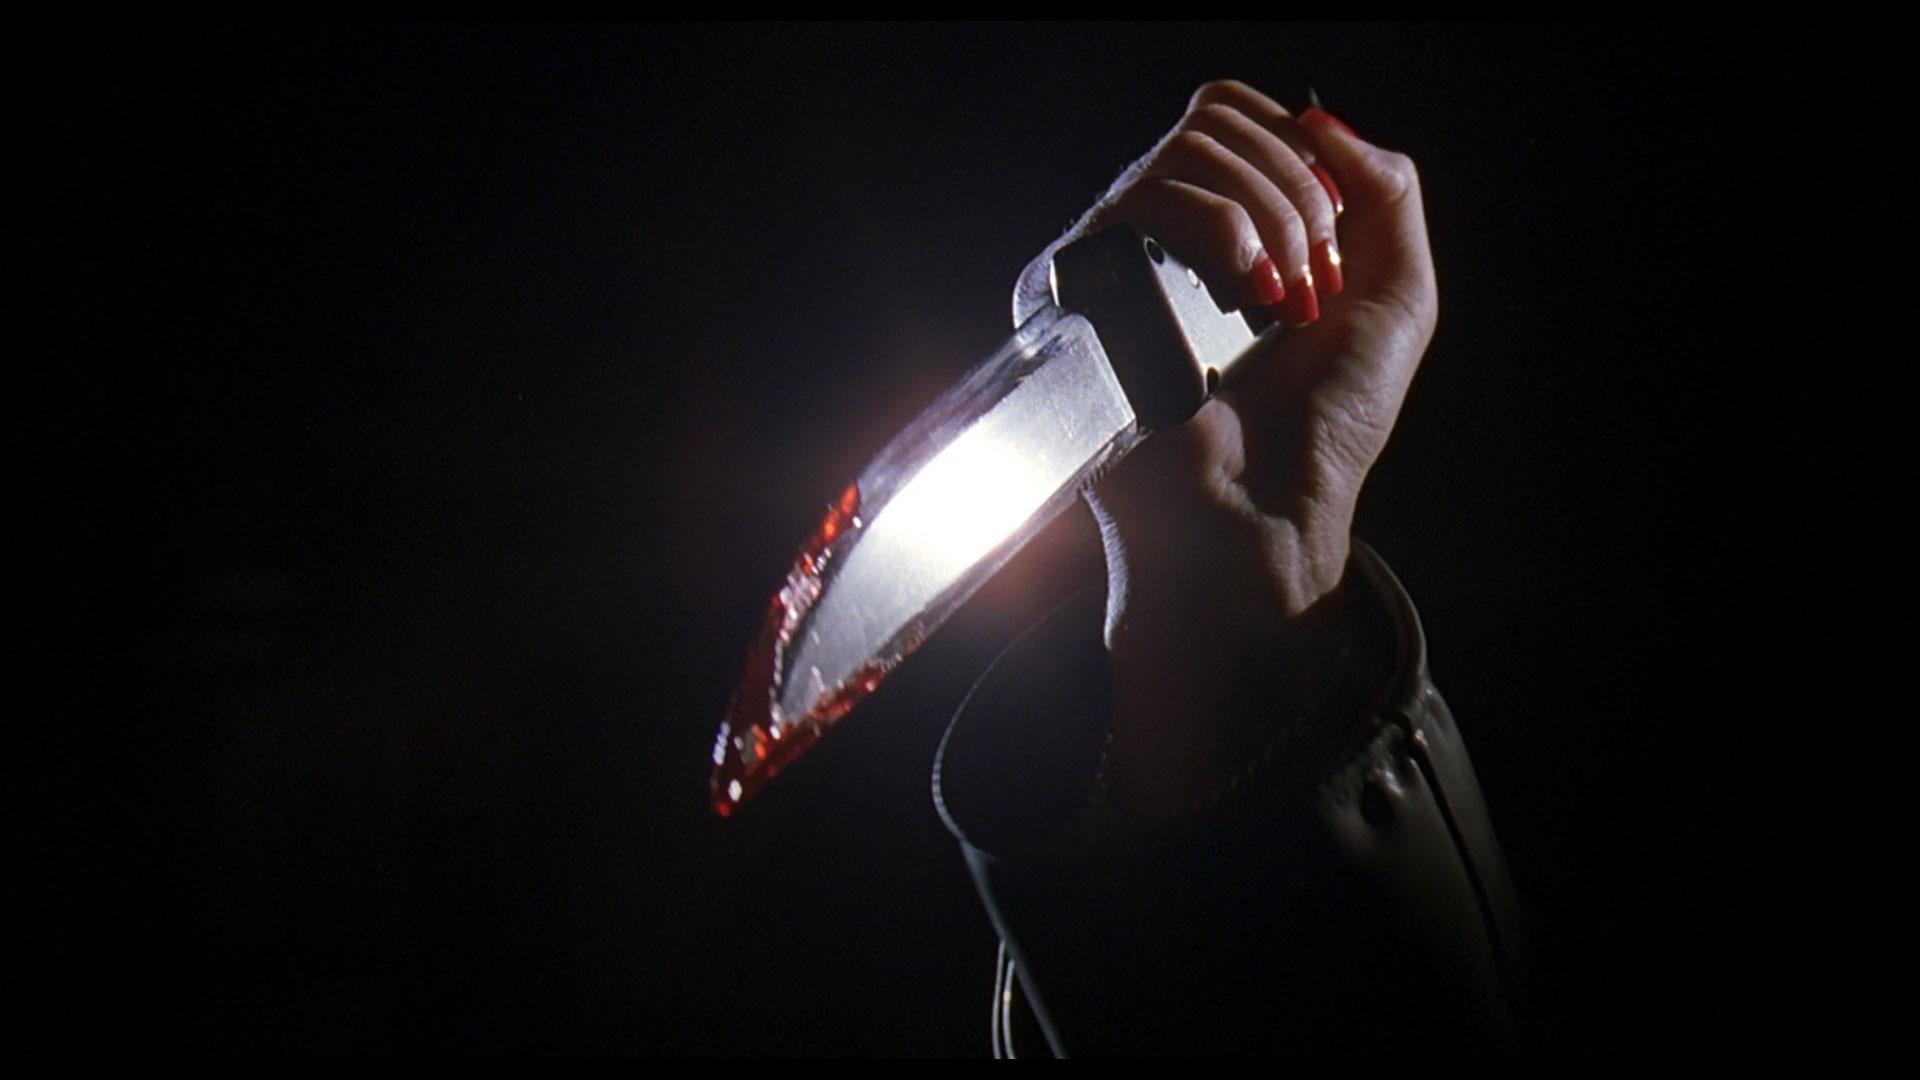 Cherry Falls - Killer holding knife